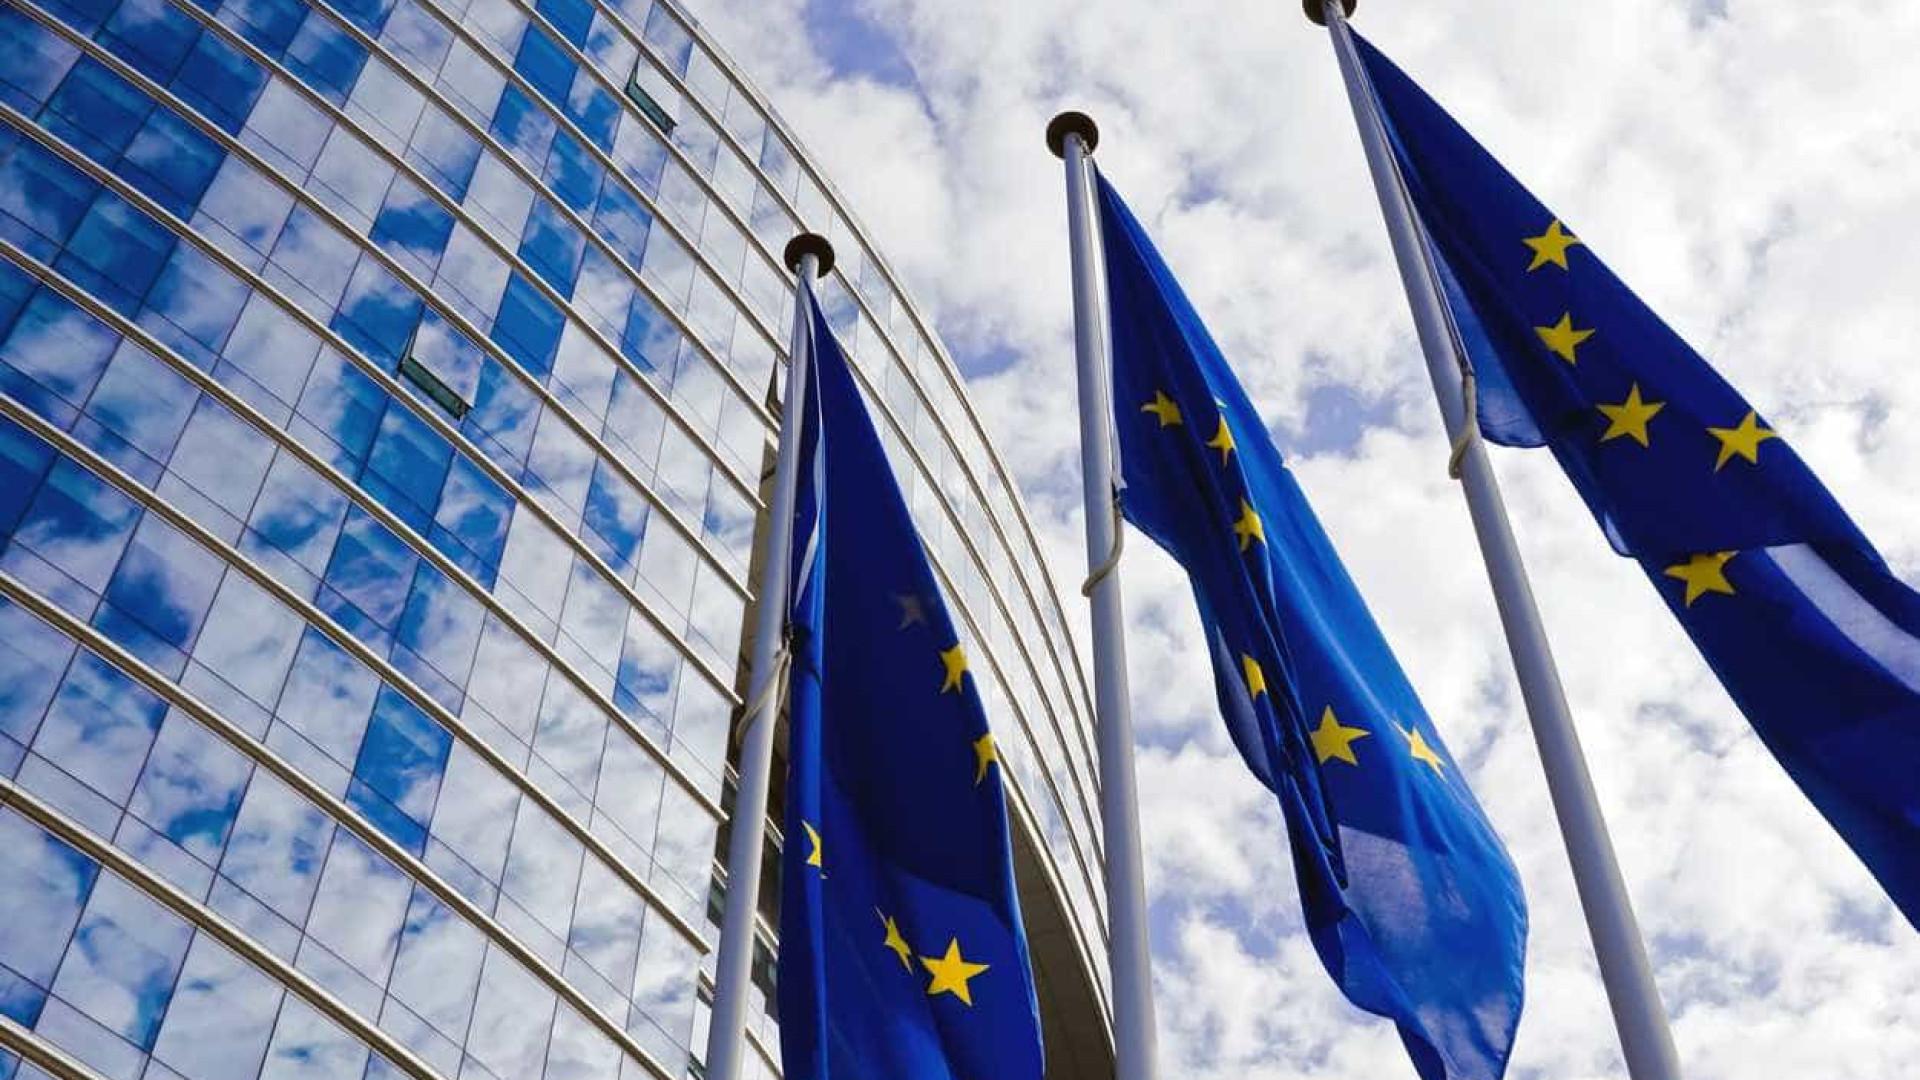 União Europeia quer forçar tecnológicas a apagarem conteúdo extremista